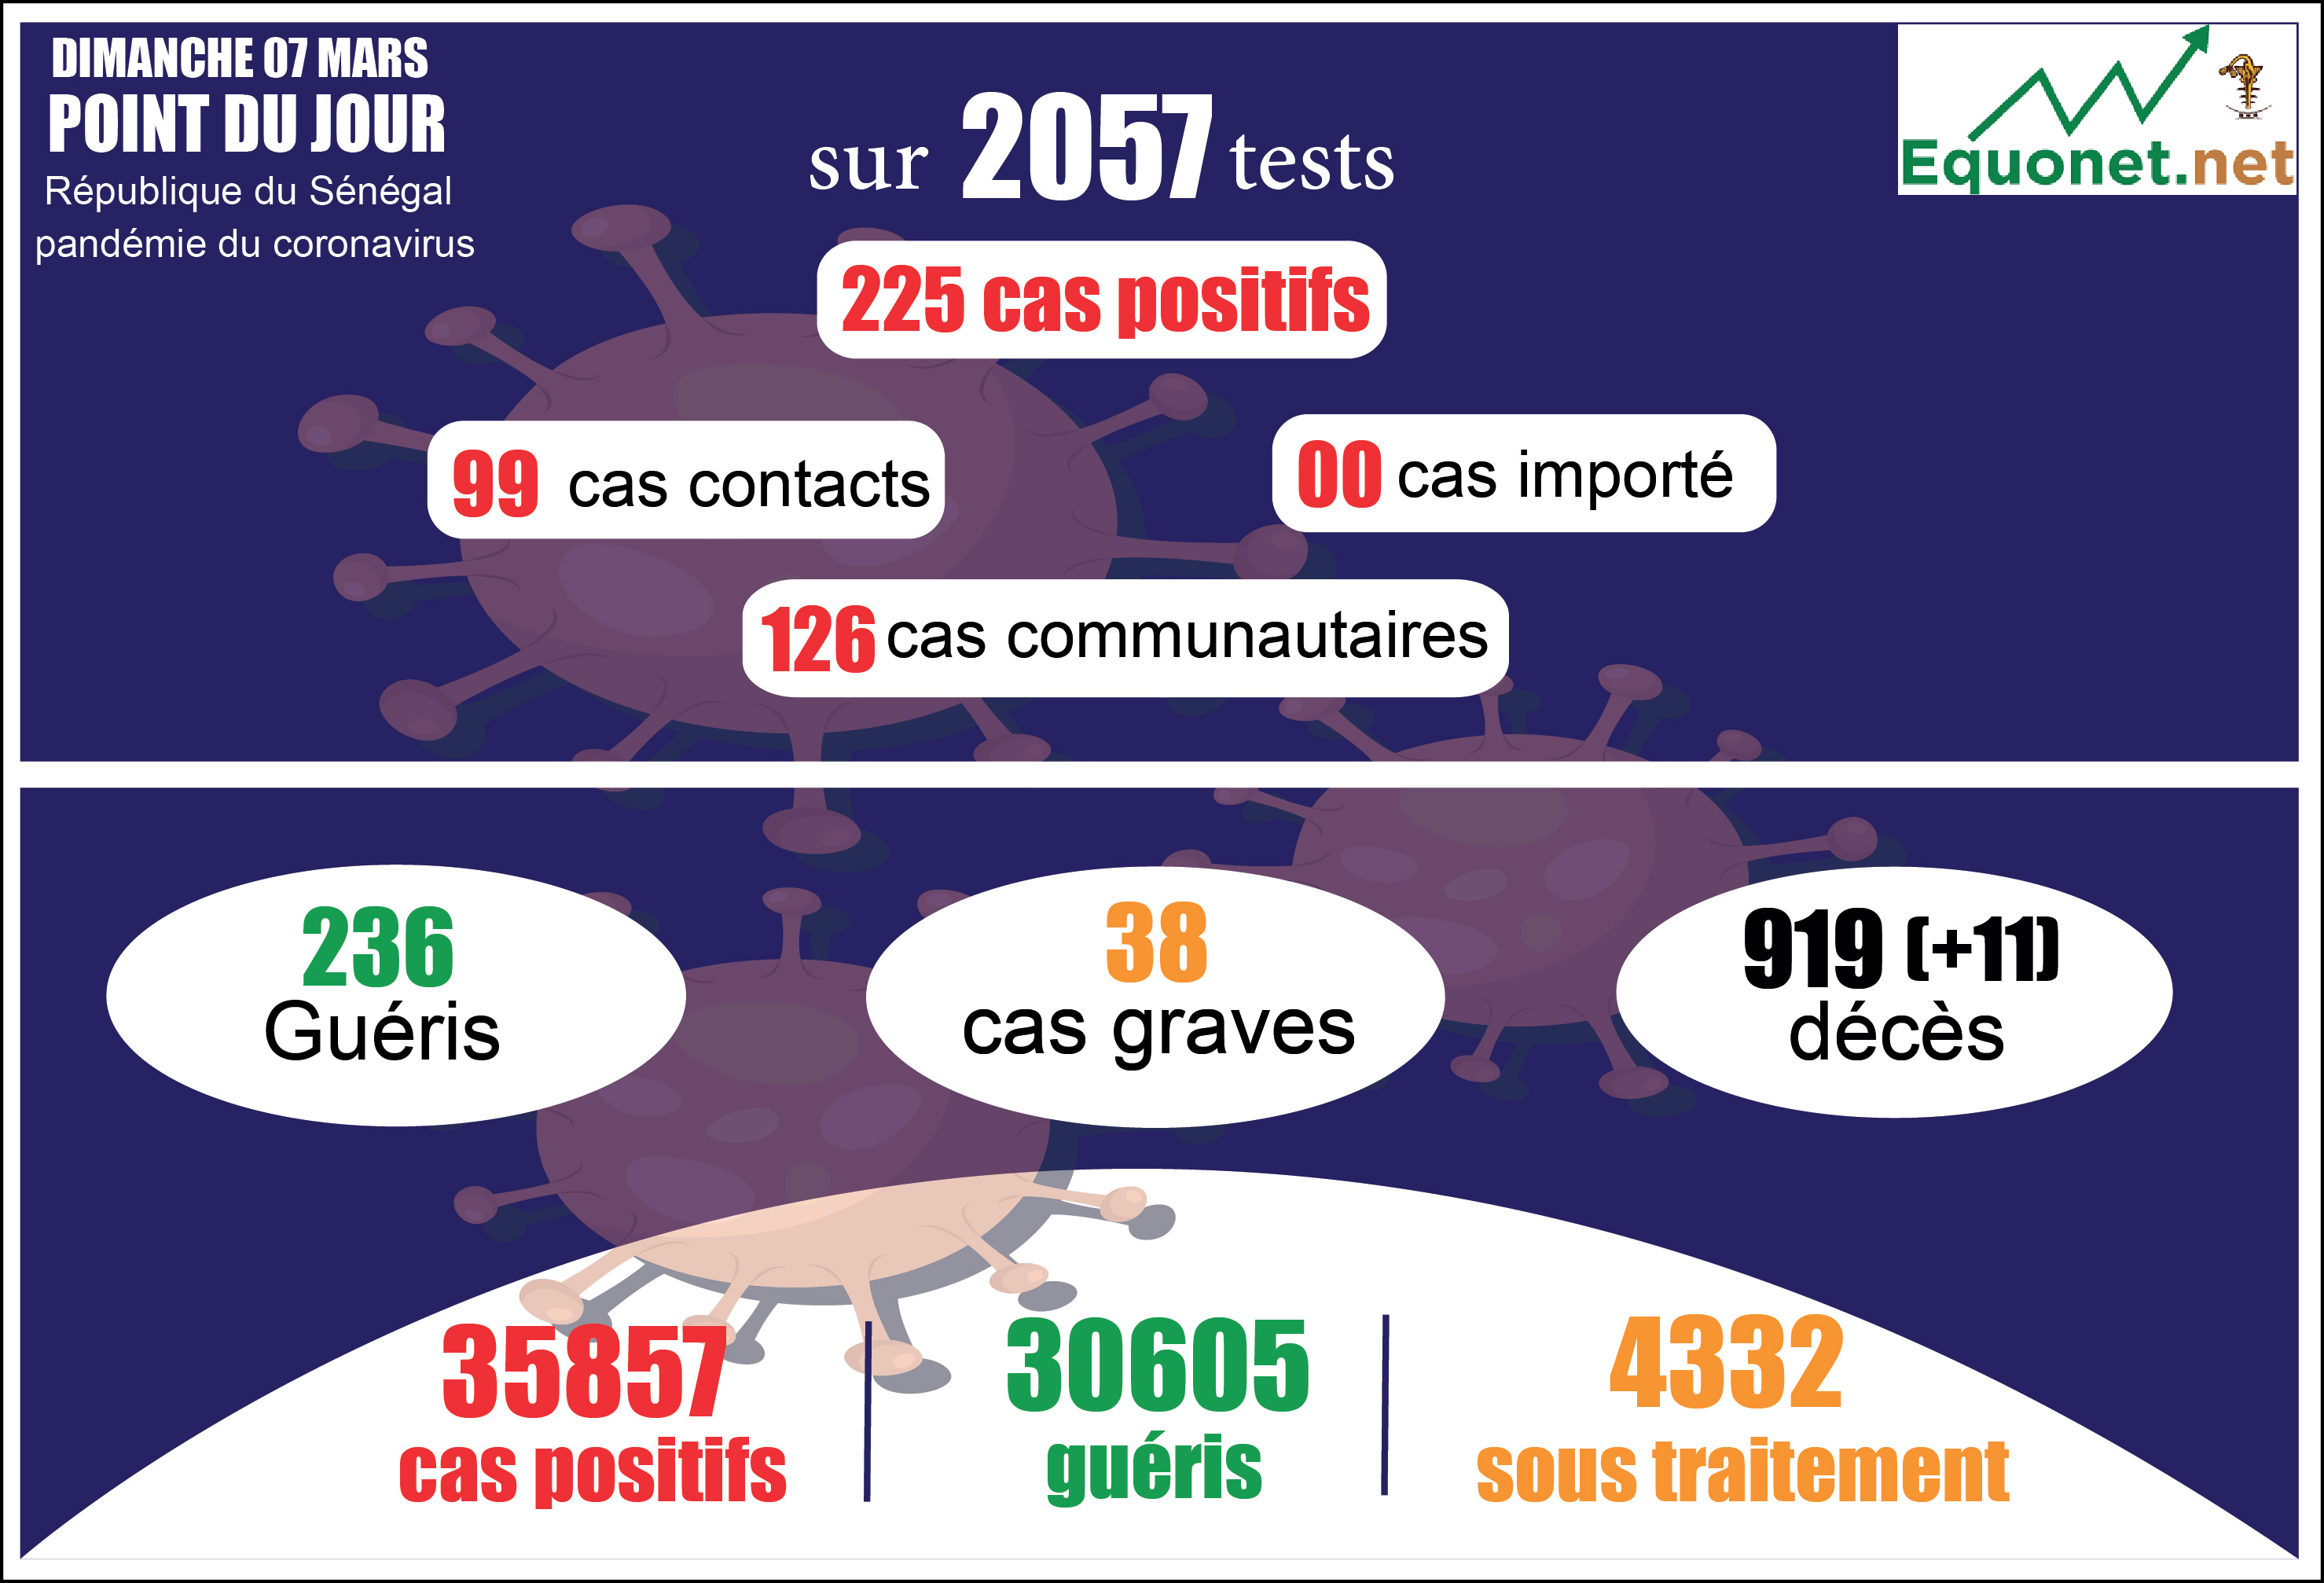 pandémie du coronavirus-covid-19 au sénégal : 126 cas communautaires et 11 décès enregistrés ce dimanche 7 mars 2021